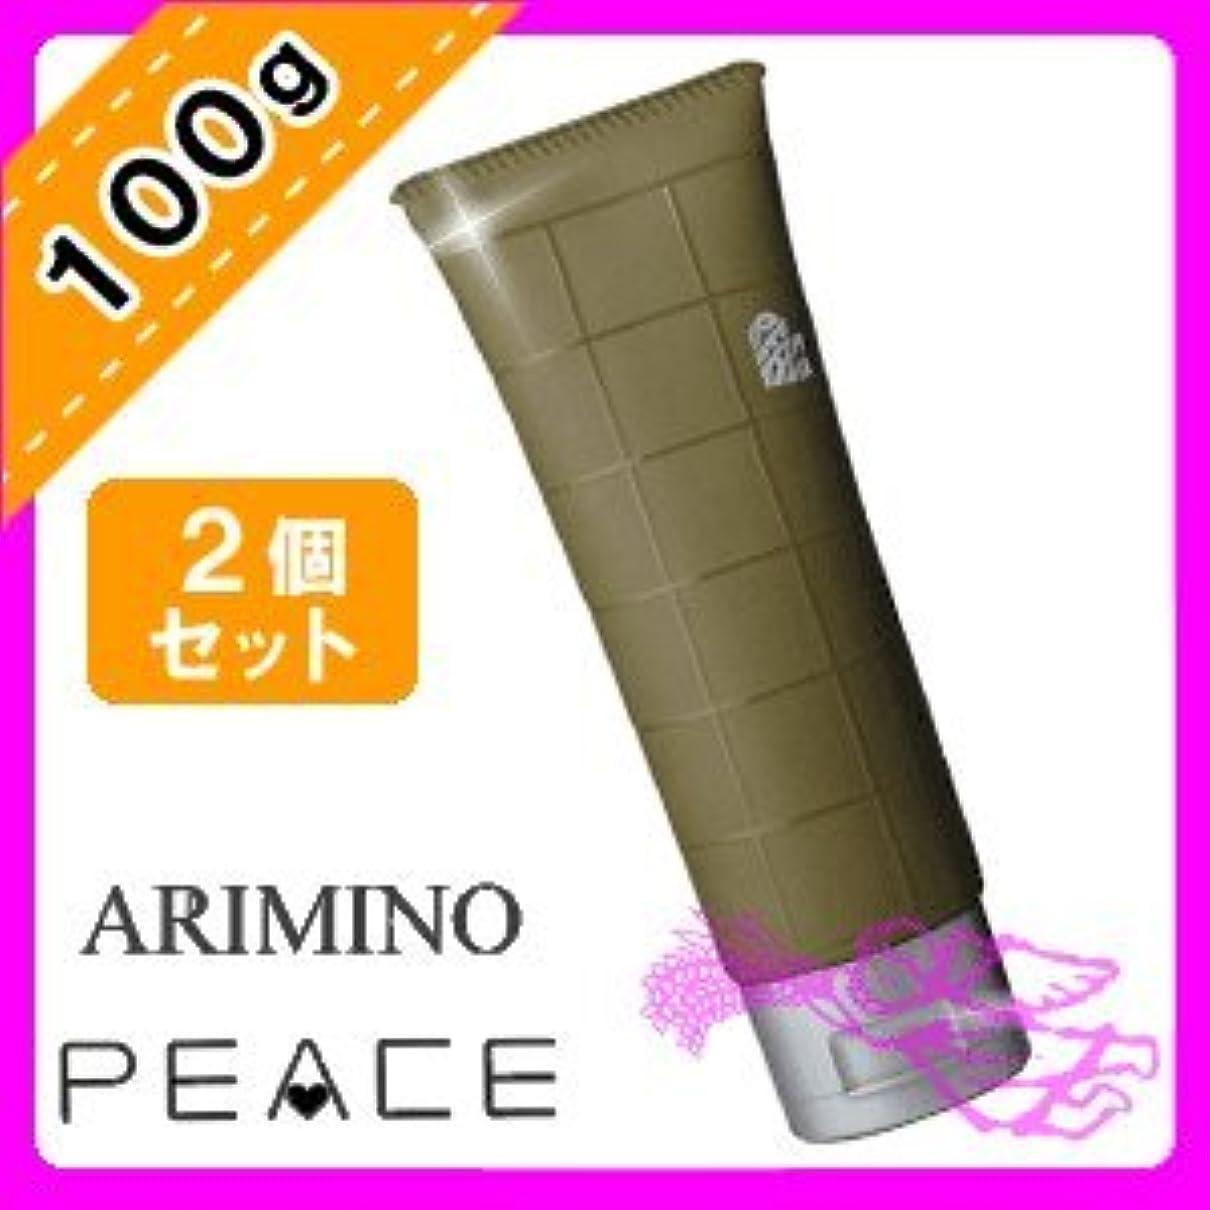 彼女はフローティング硫黄アリミノ ピース ウェットオイル ワックス 100g ×2個セット arimino PEACE